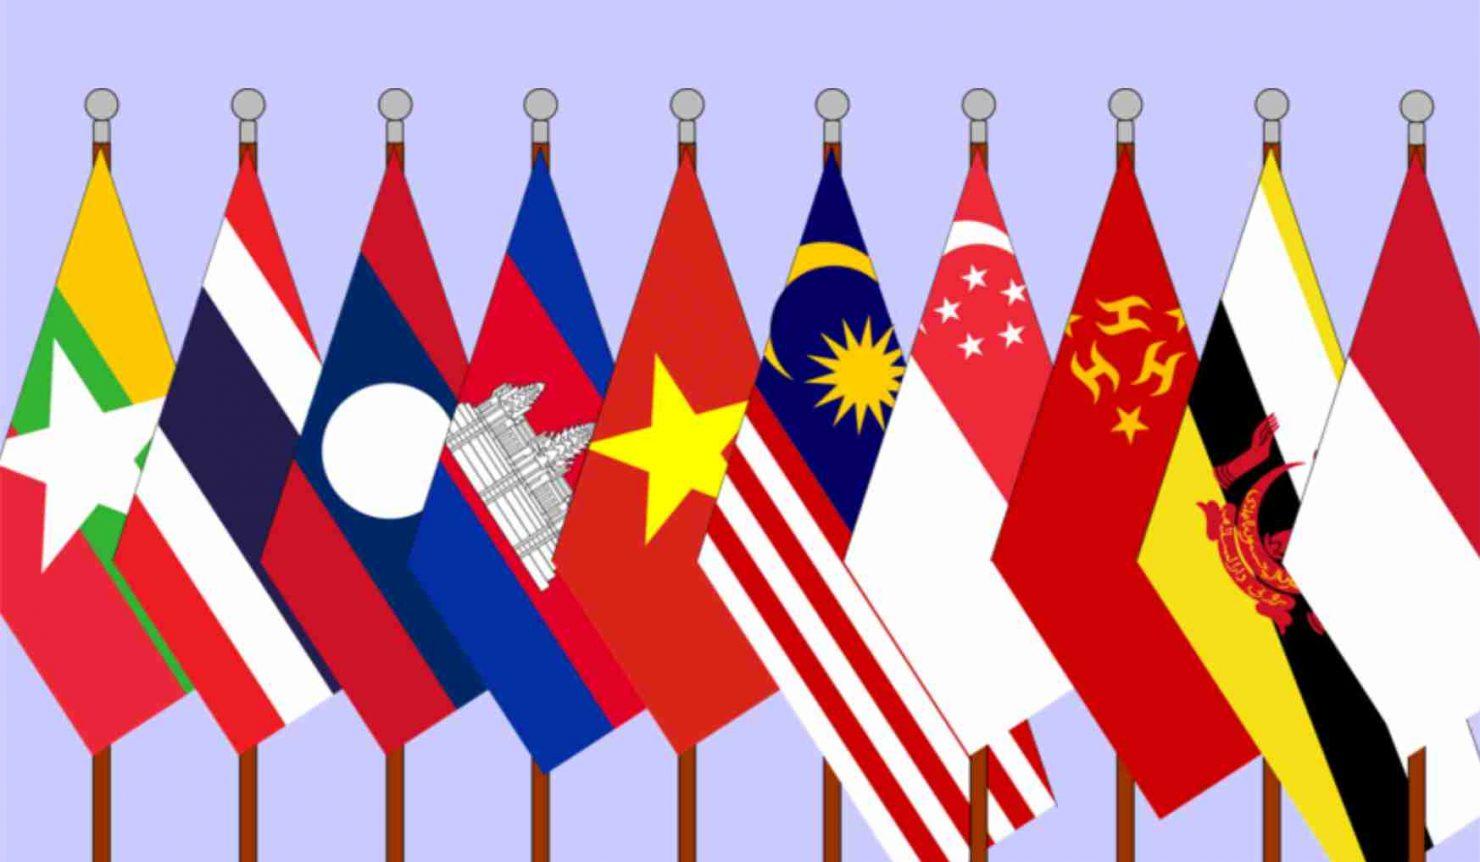 Nama Anggota Negara Asean | Gambar Peta dan Isi Perjanjiannya [Lengkap]